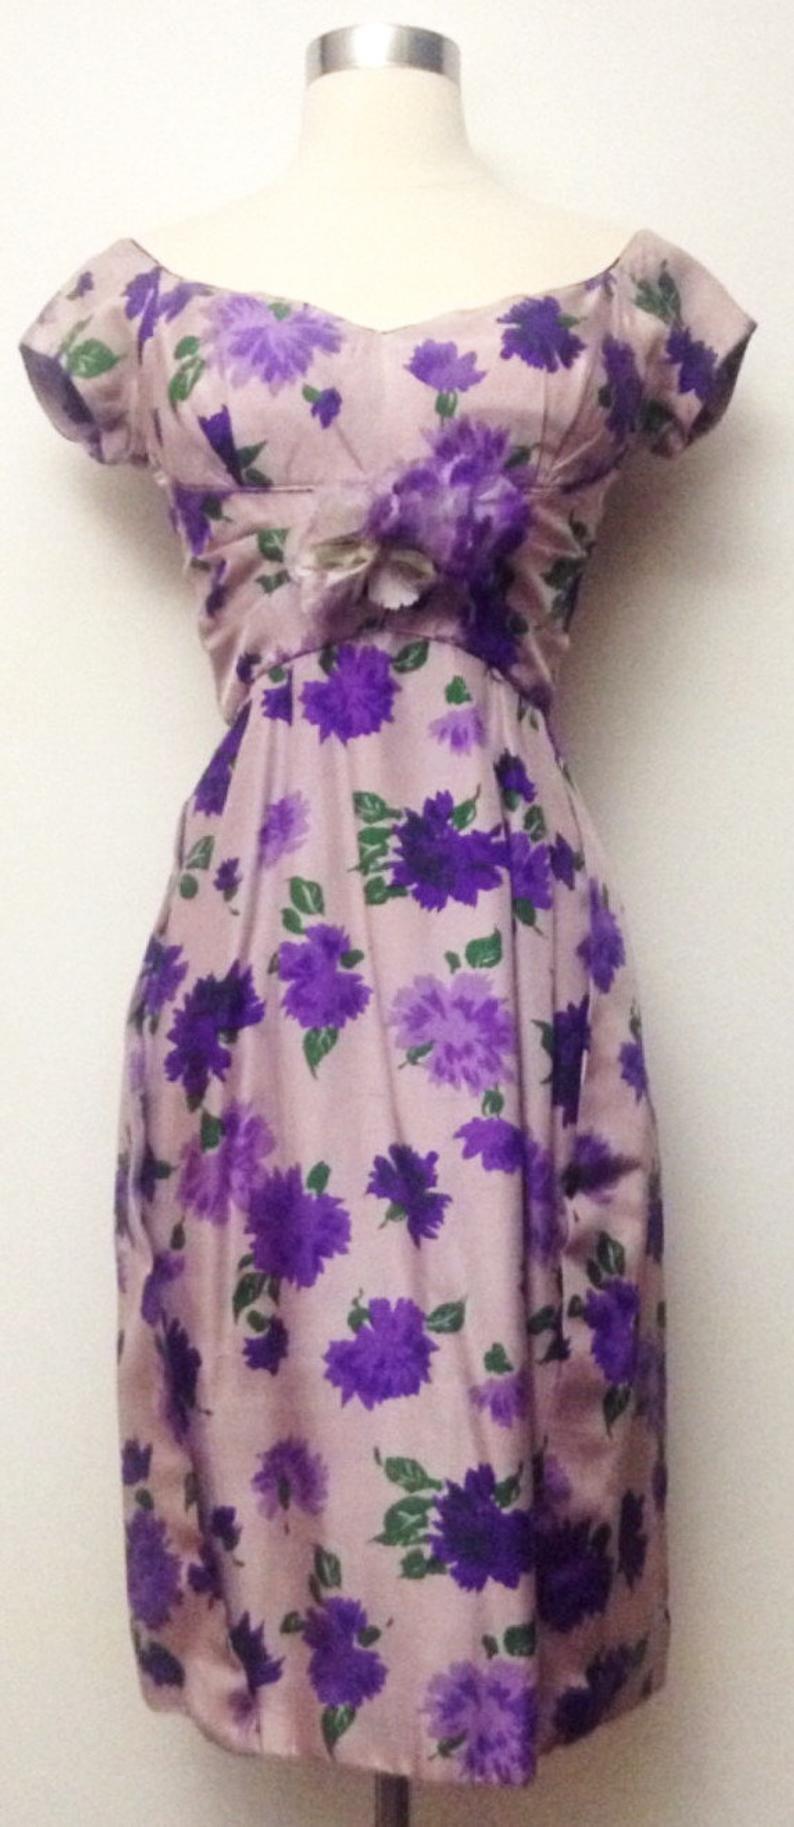 Vintage 1950s Dress 50s Dress Purple Lavender Mod New Look Rockabilly Party Dress Vivid Colors Hourglass Vintage 1950s Dresses Purple Dress 1950s Dress [ 1827 x 794 Pixel ]